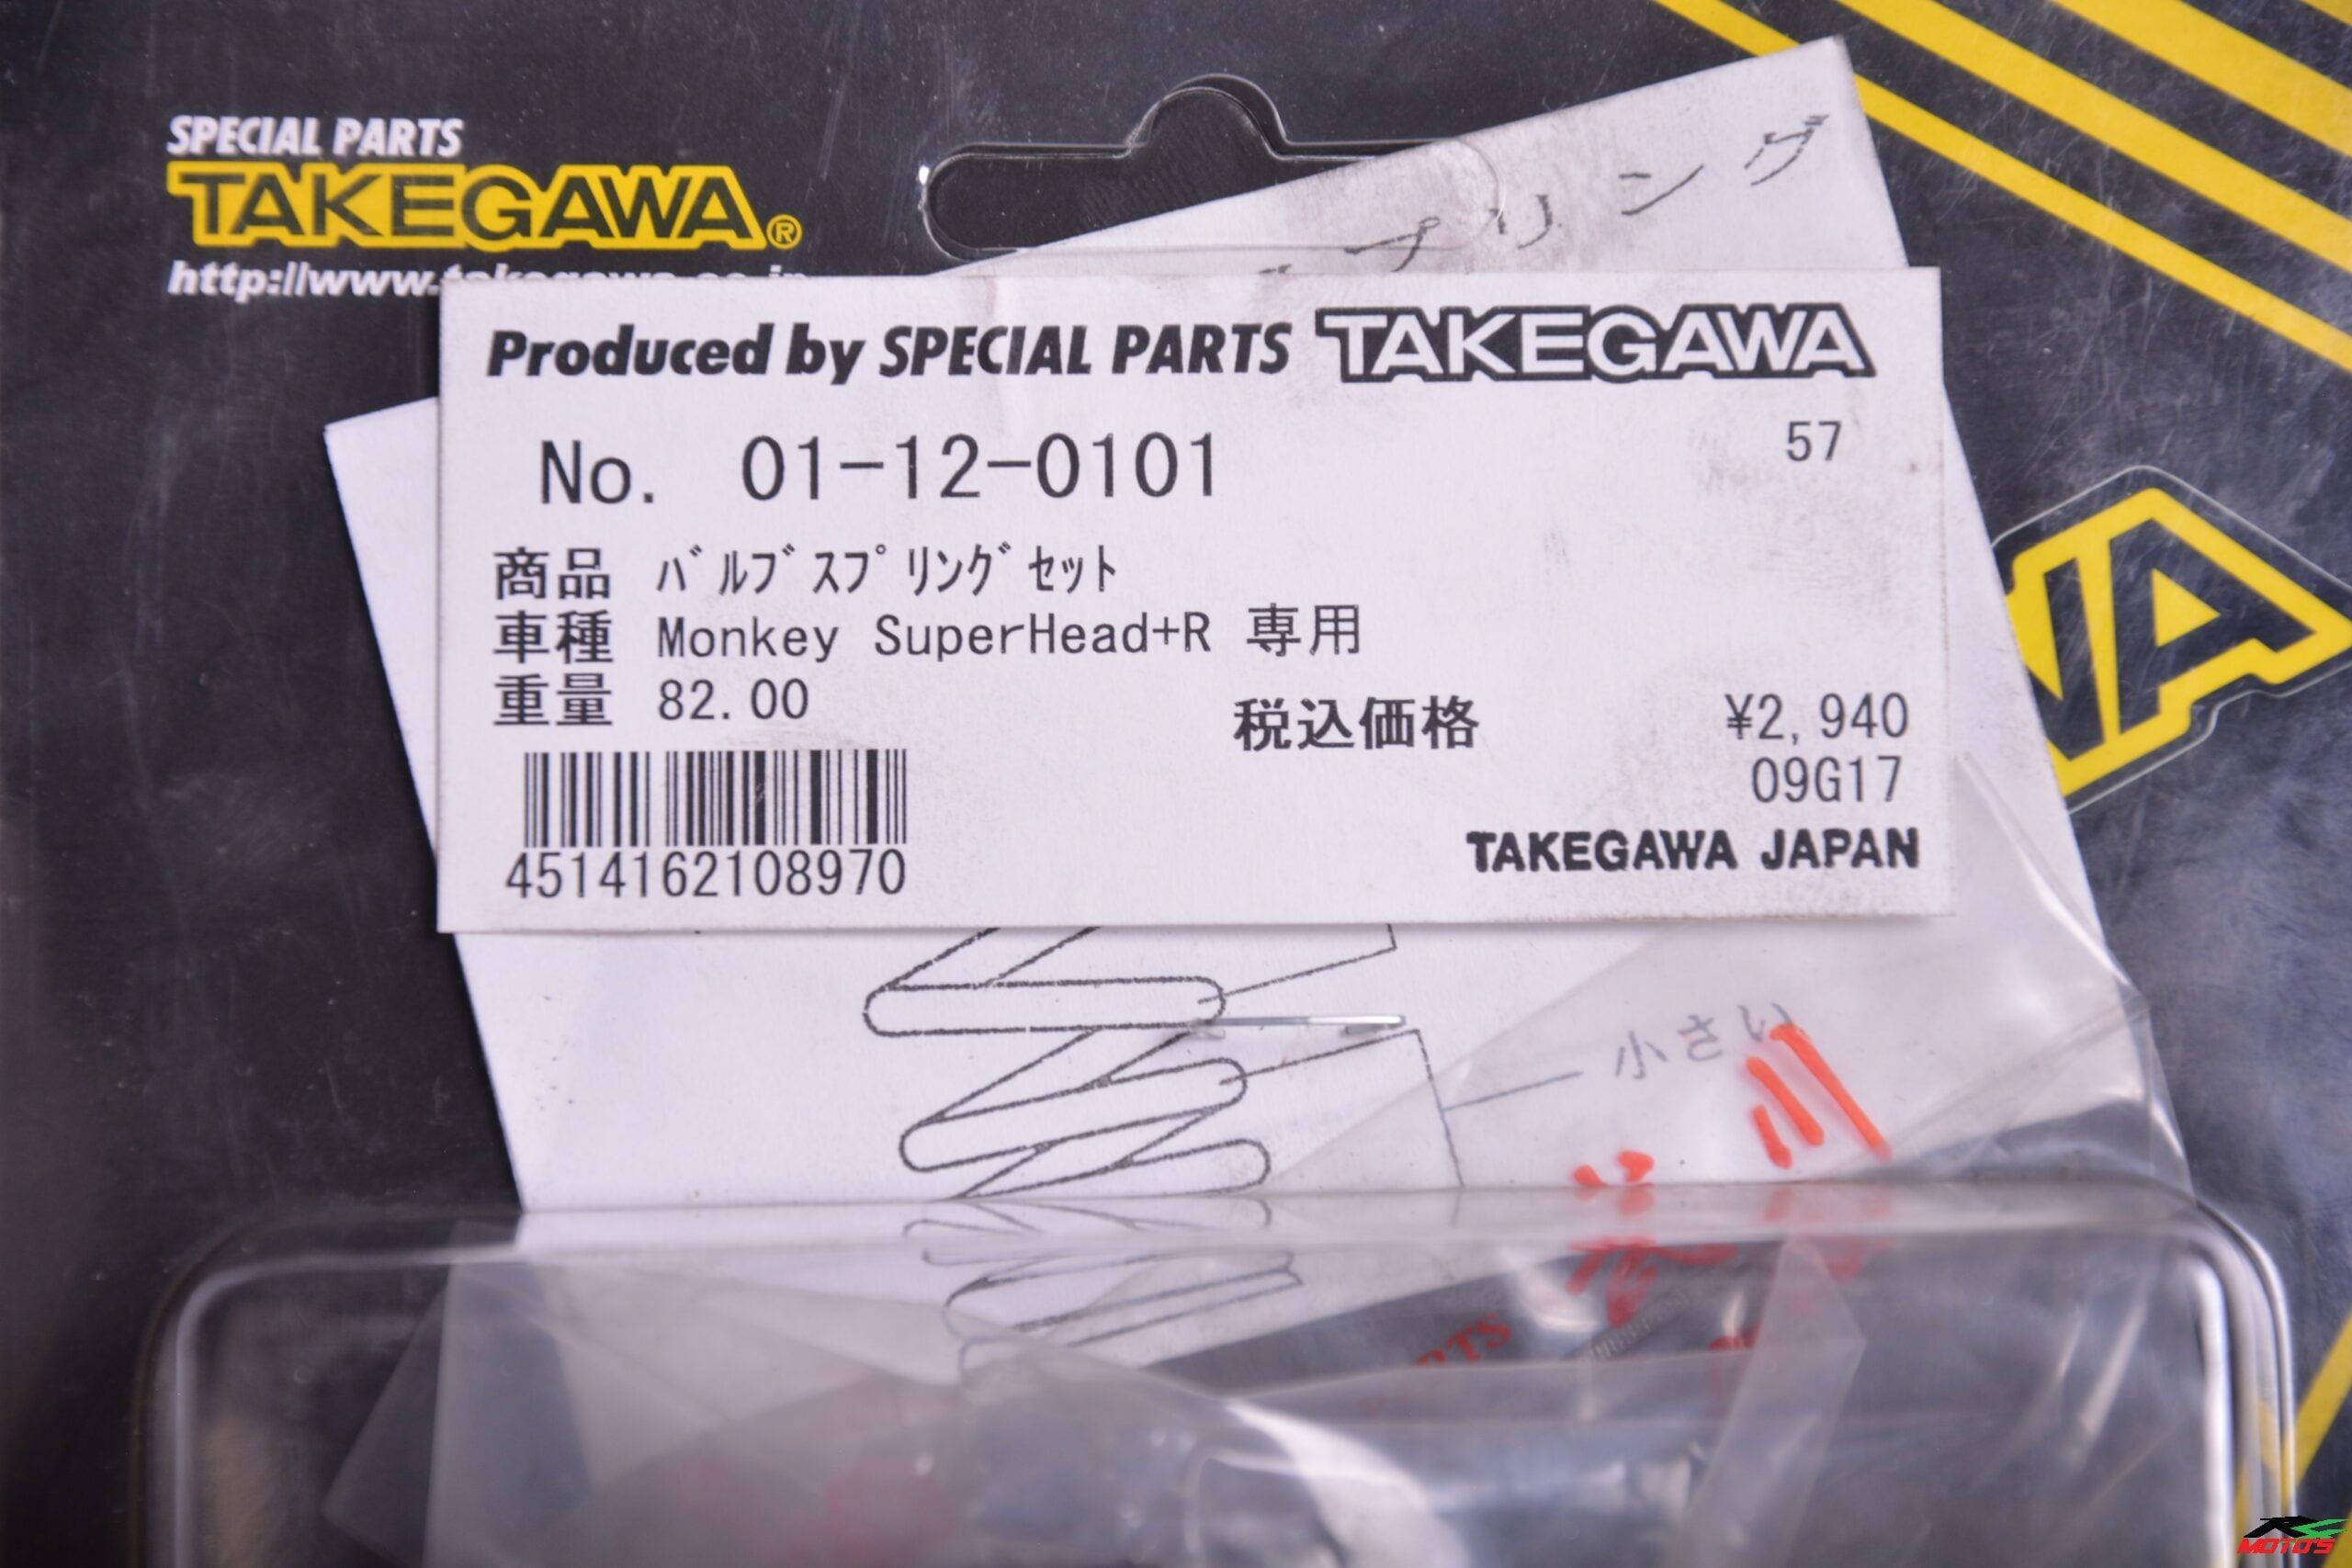 Takegawa Valve Spring Set Superhead+R - 01-12-0101